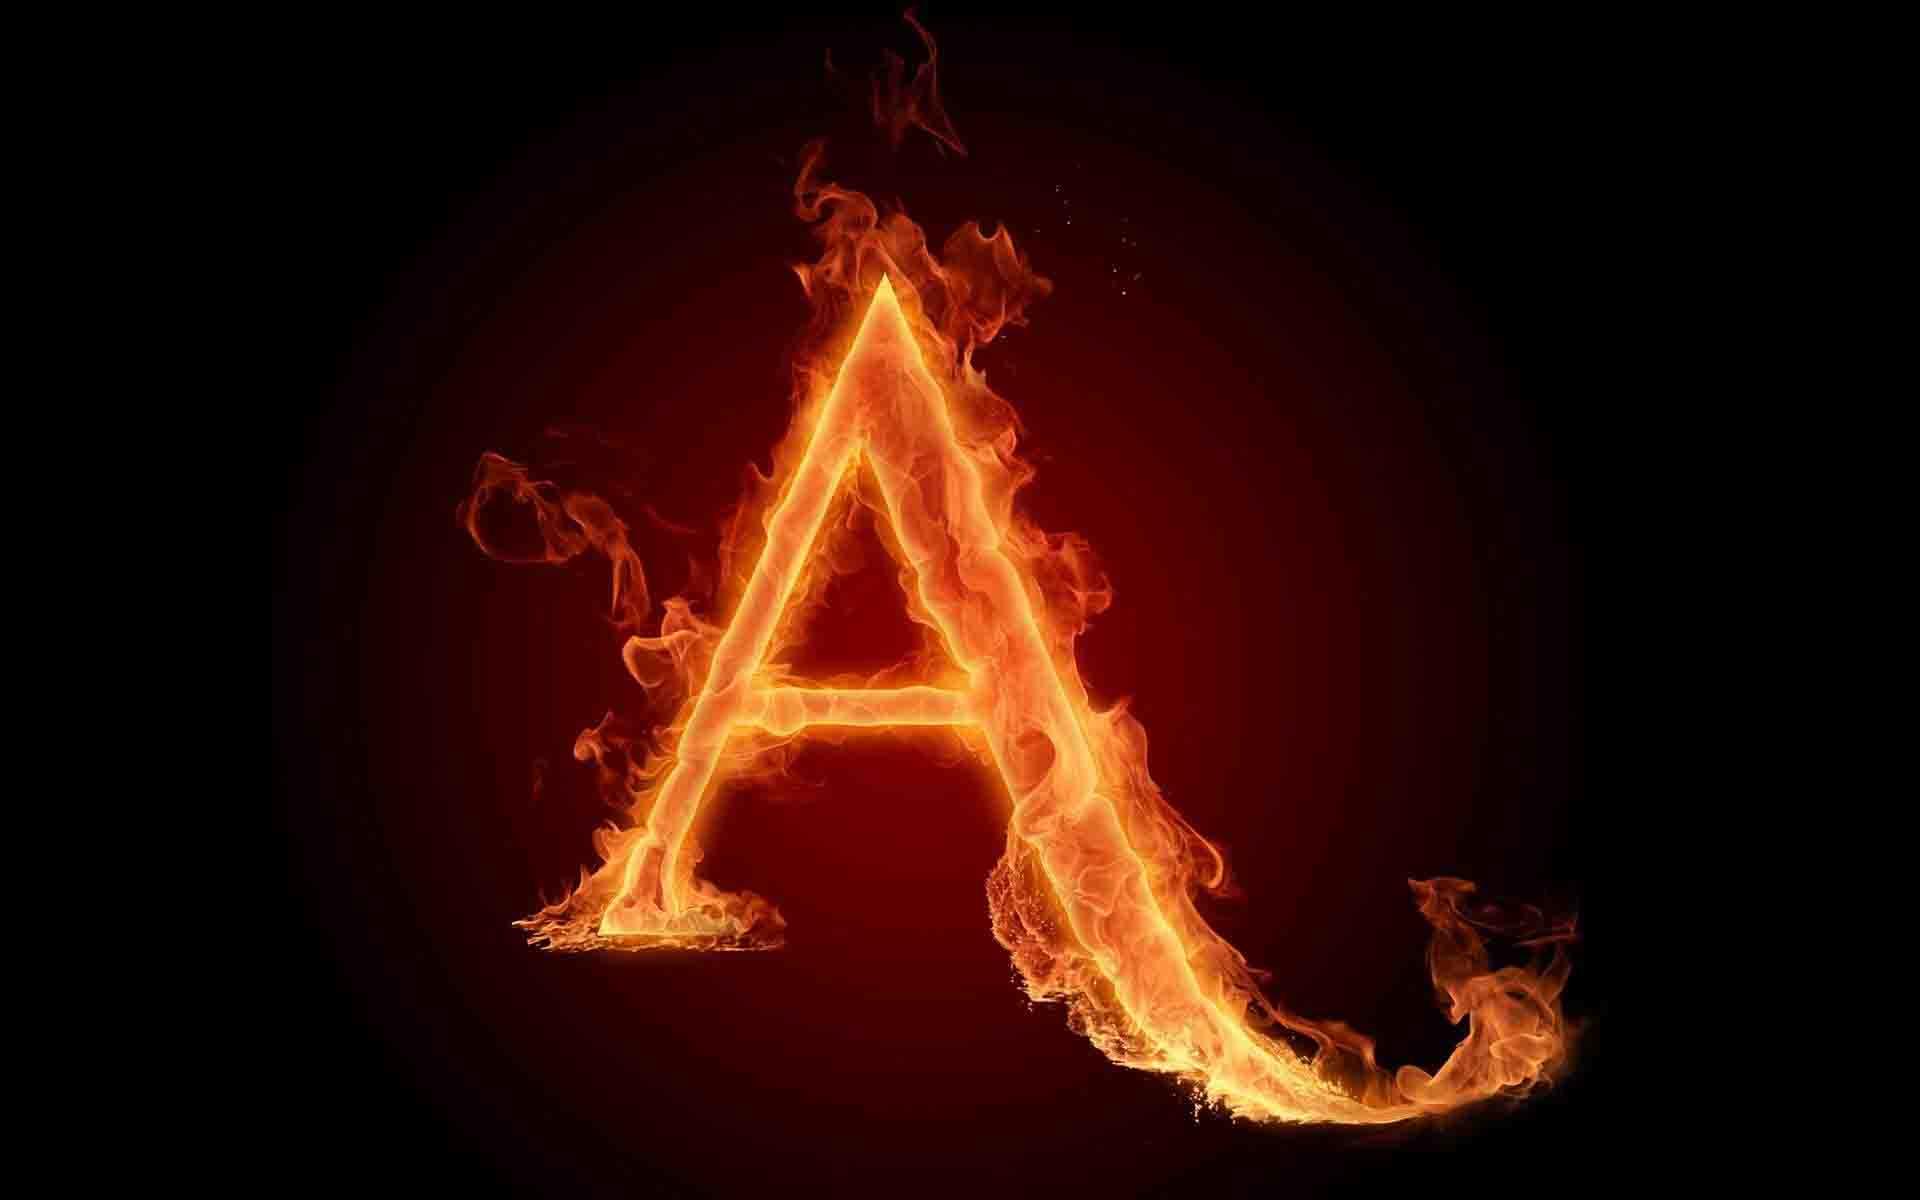 'A' अक्षर के नाम वाले लोगों में होती हैं कुछ ऐसी खूबियां